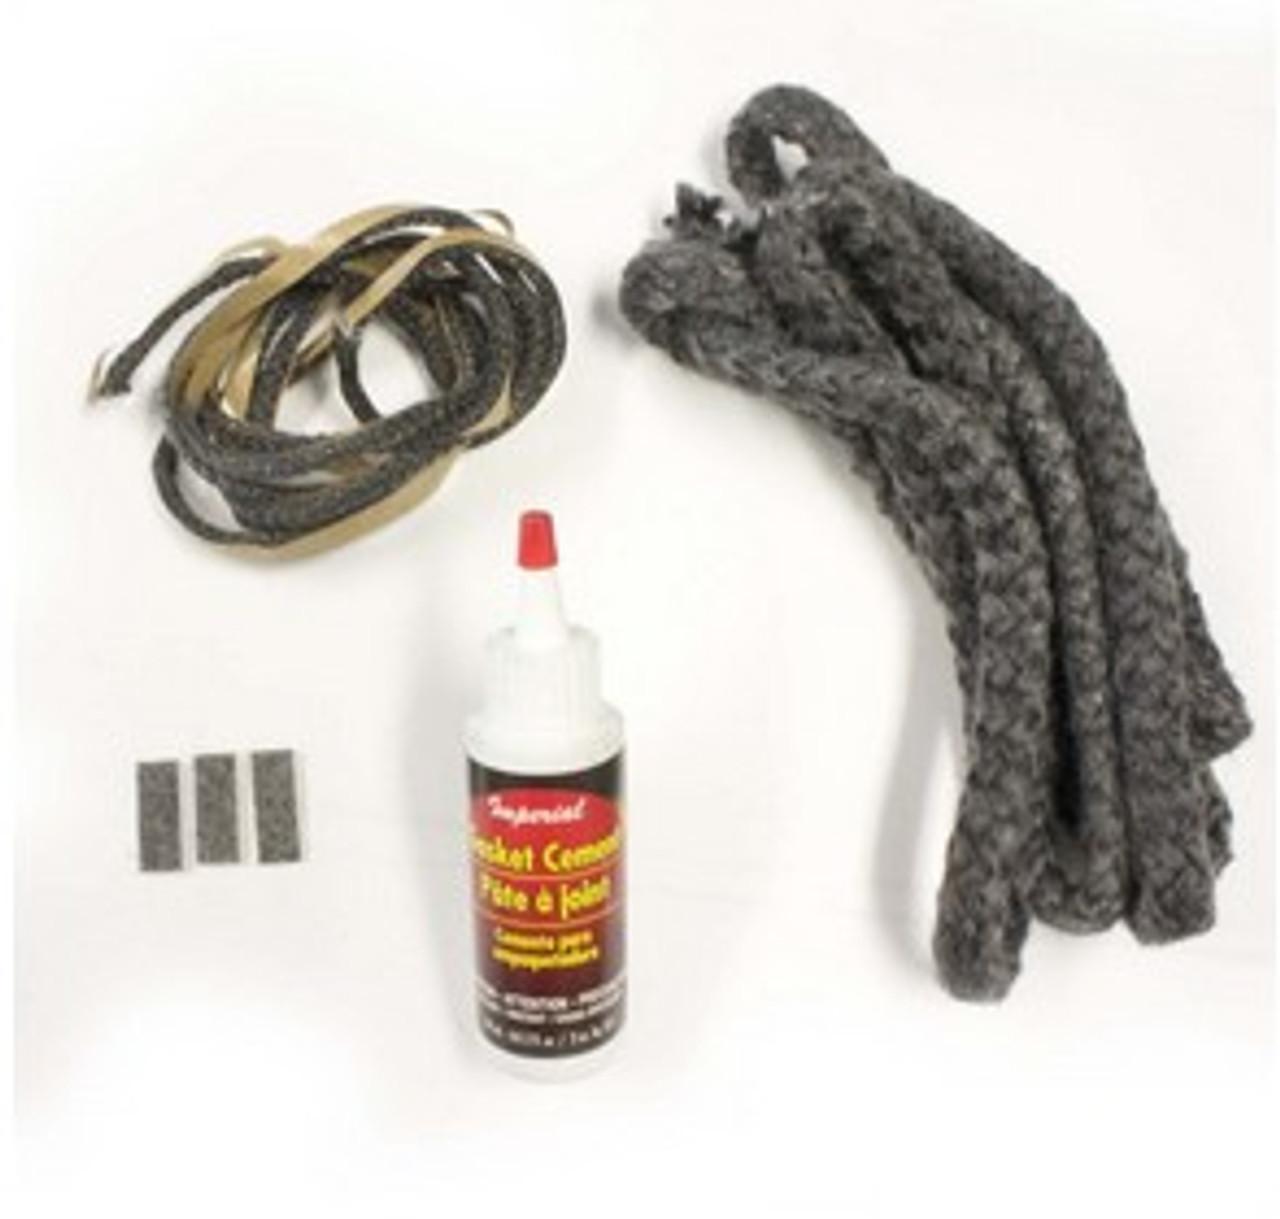 Craftsbury Gasket Kit # 93-58900